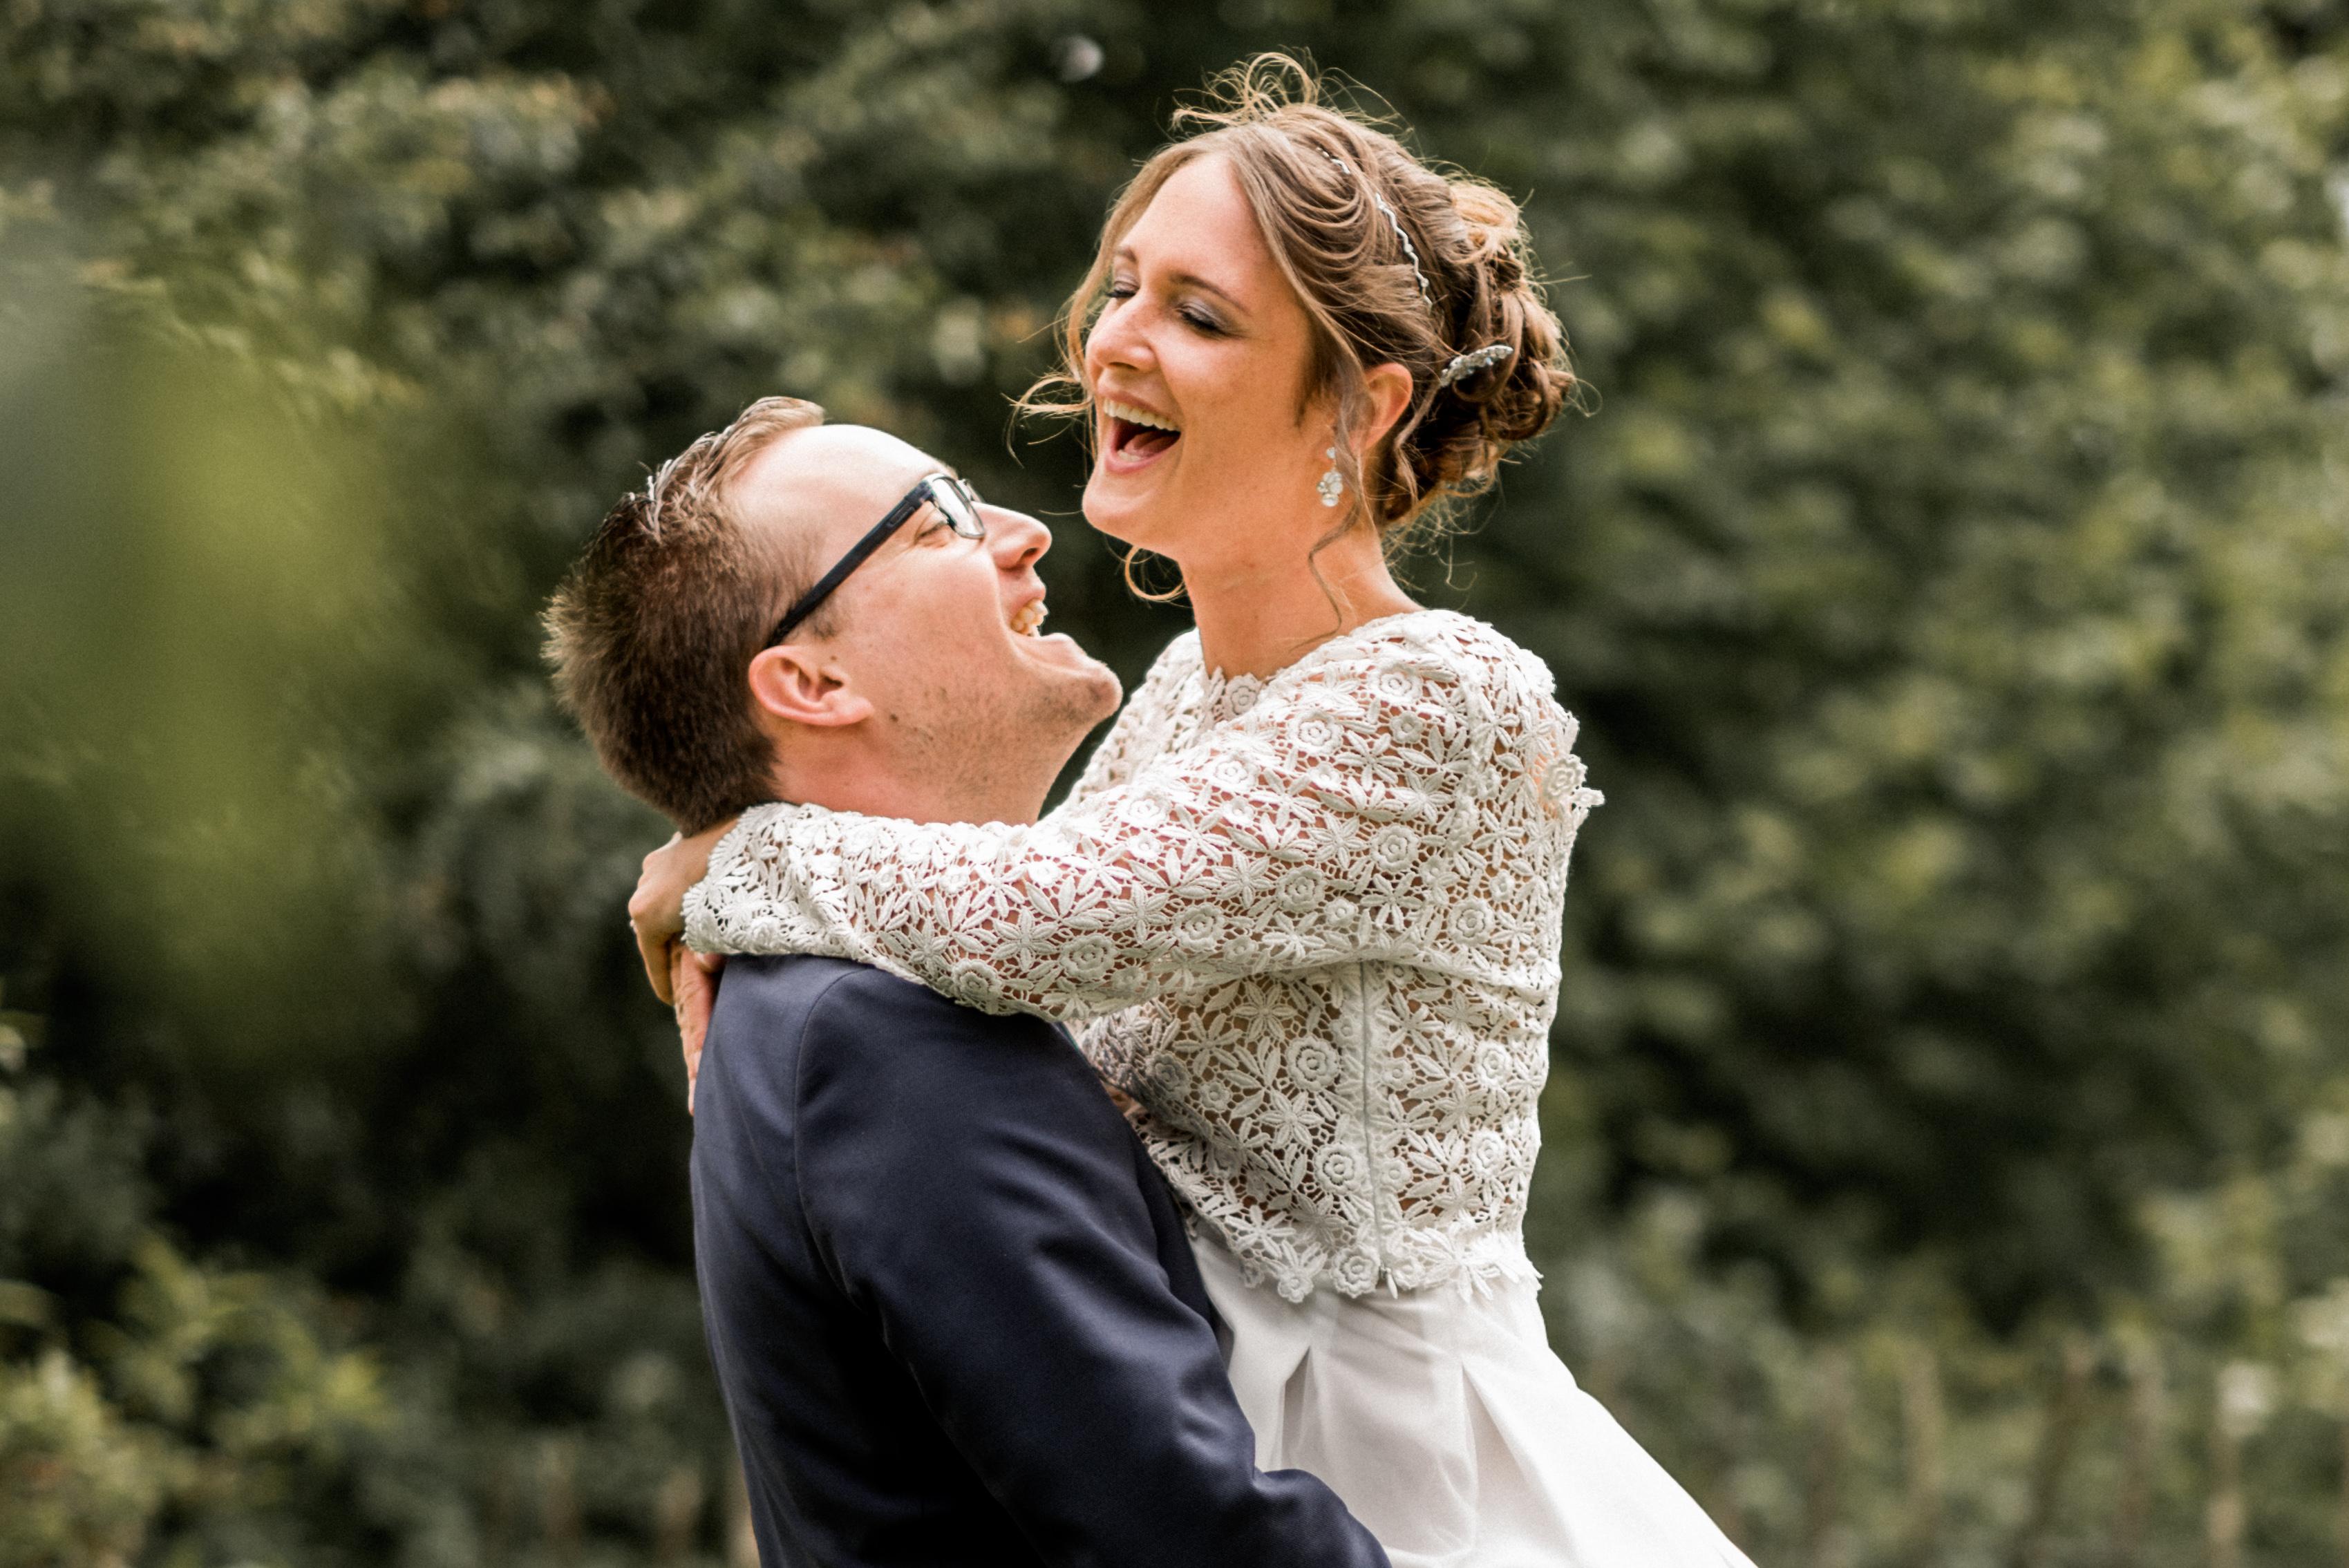 Hochzeit hochzeitsshooting Brautpaar Brautkleid Braut wedding Hochzeitsfotografin